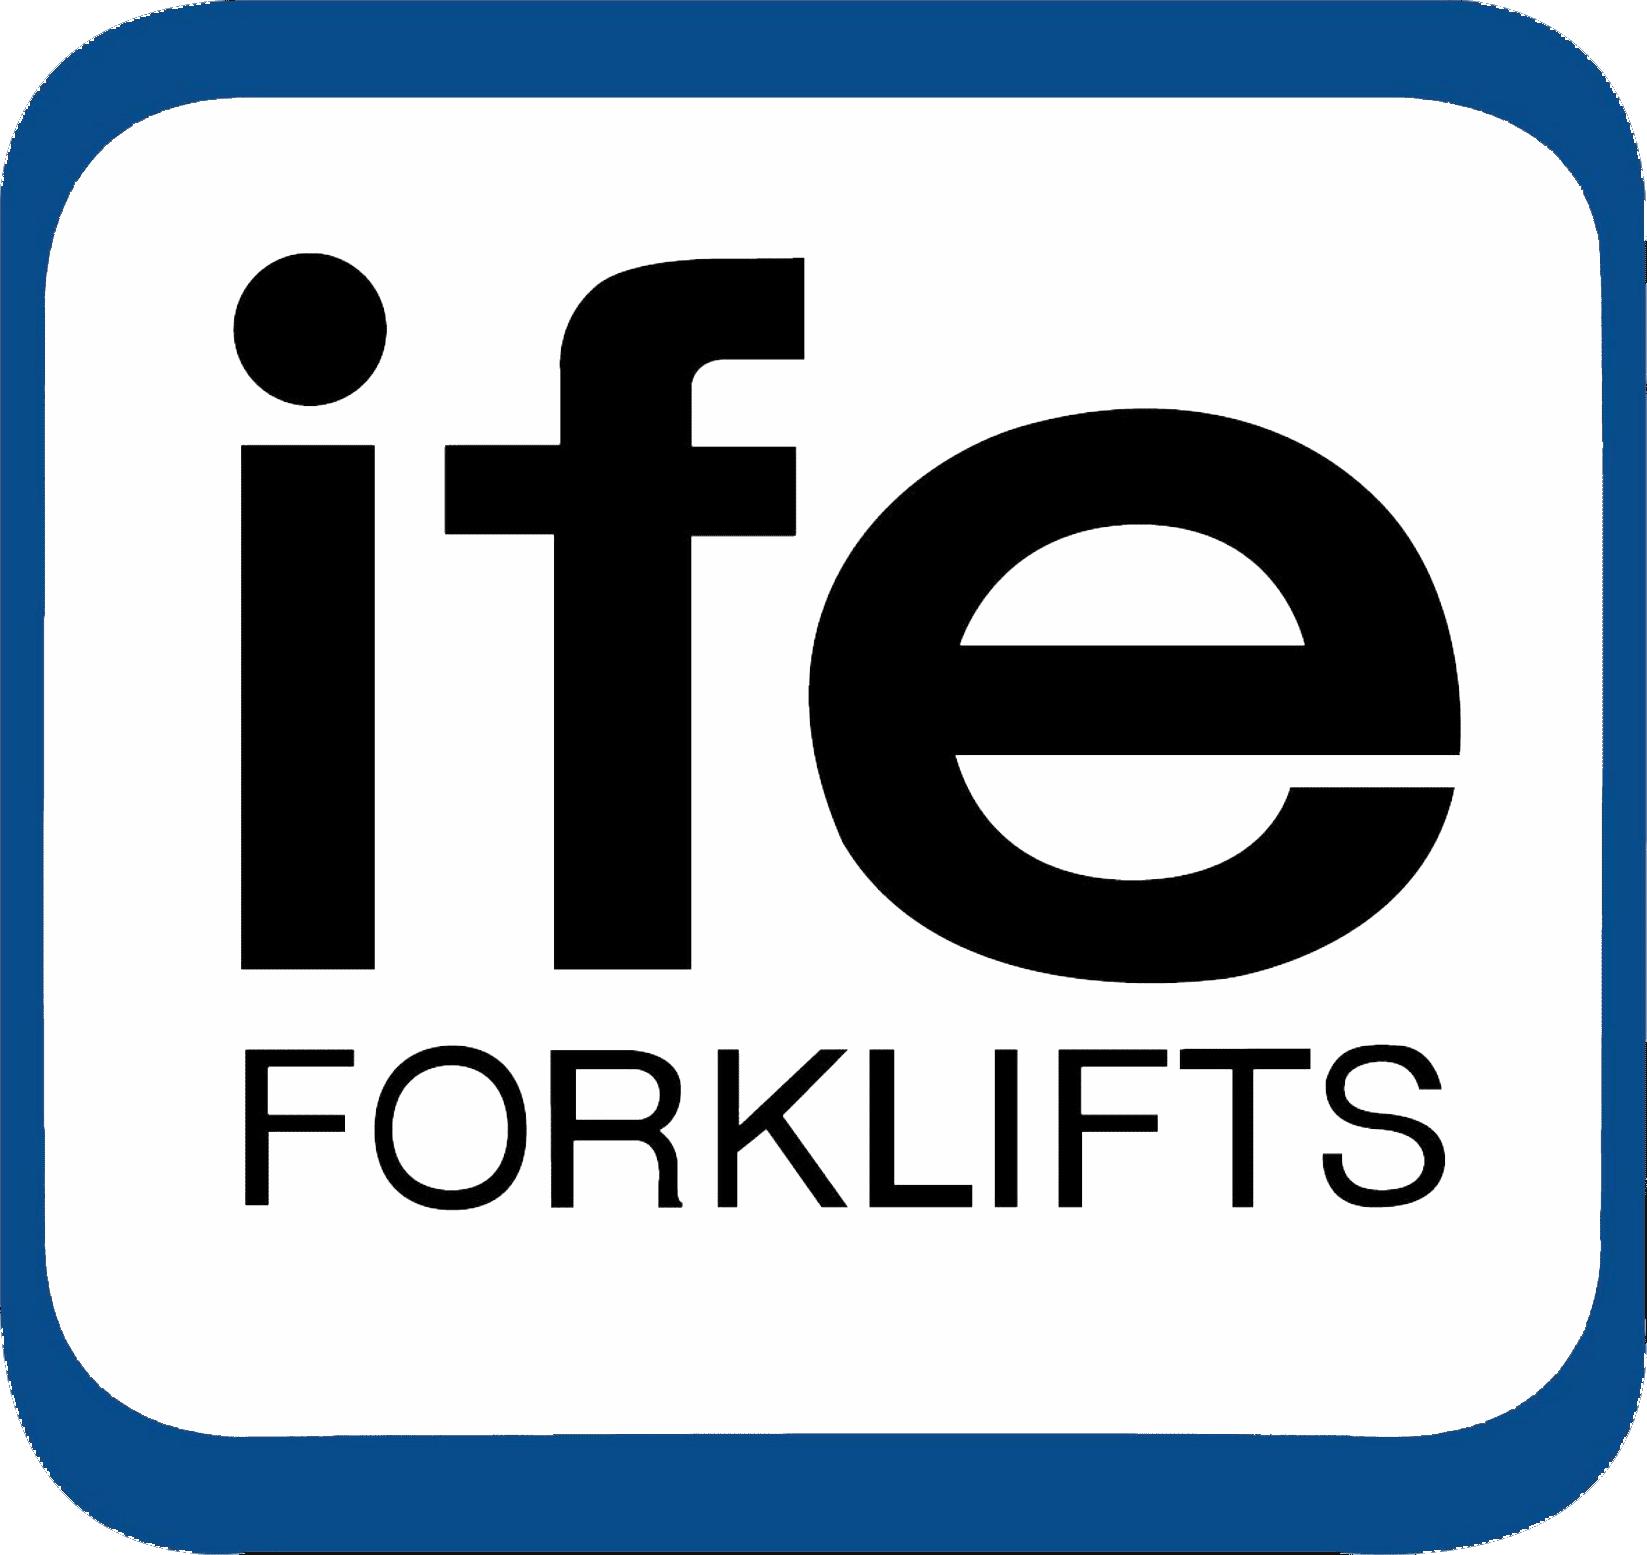 Sydney Forklifts